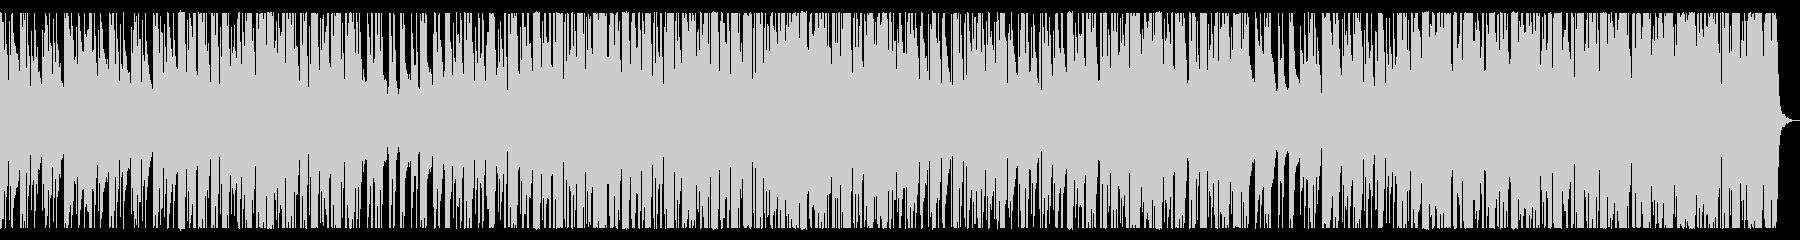 ピアノ/シンプル/R&B_No443の未再生の波形